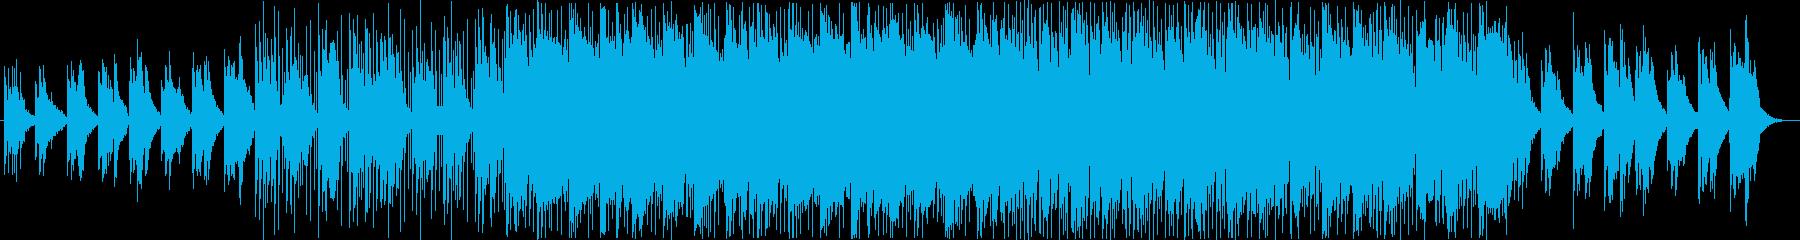 近未来的な雰囲気のエレクトロニカ風BGMの再生済みの波形